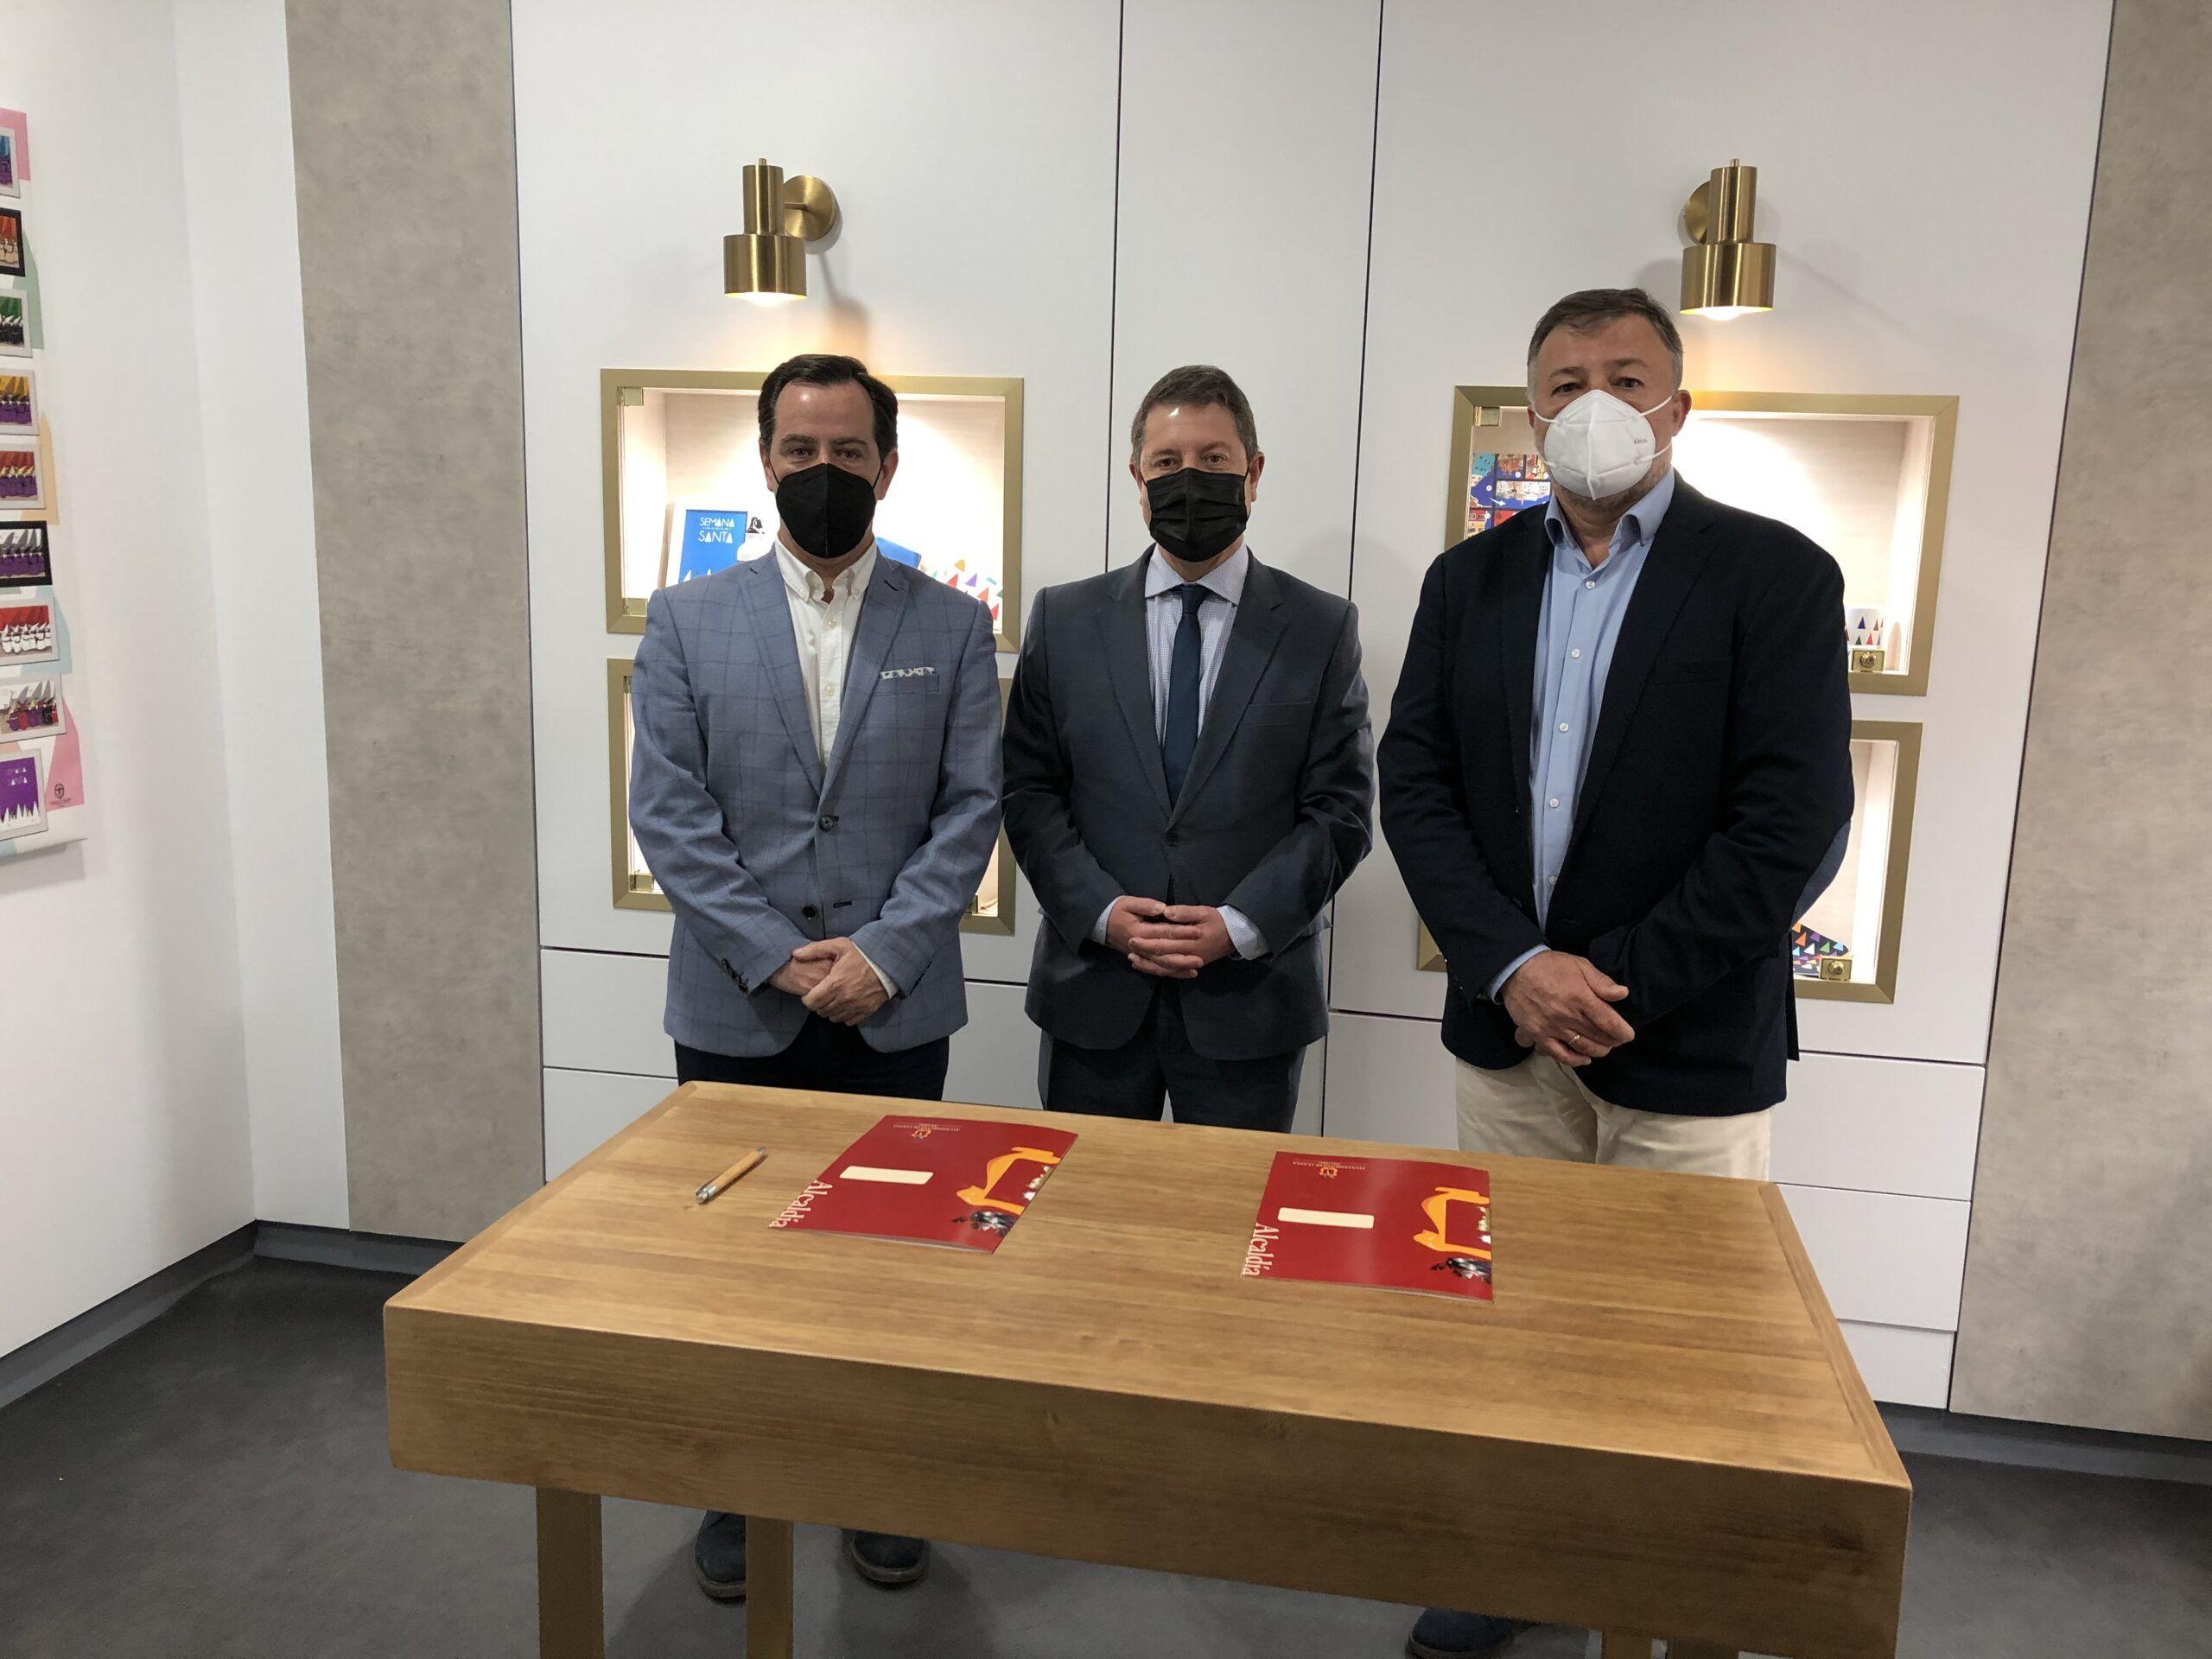 El Ayuntamiento de Cuenca aporta 15.000 euros para colaborar con la Junta de Cofradías en las actividades vinculadas a la Semana Santa